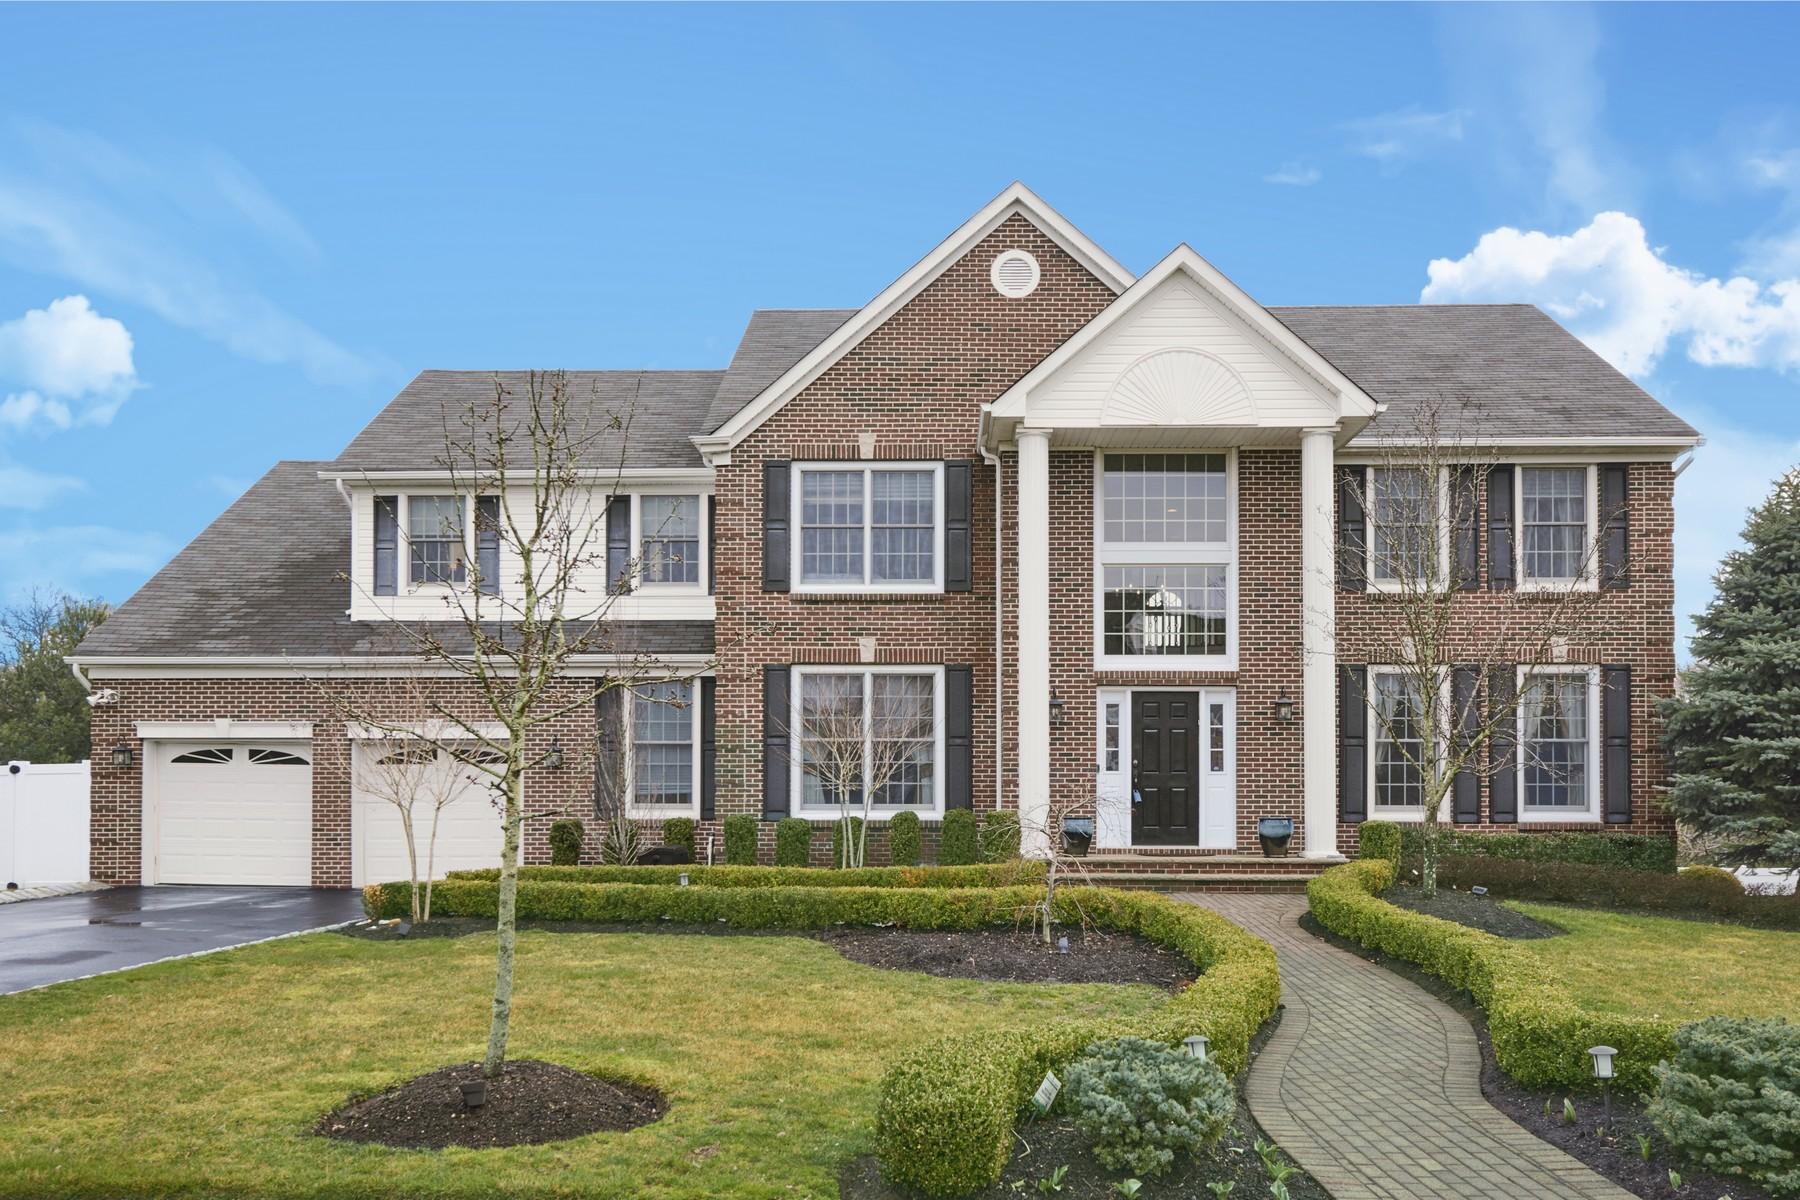 Частный односемейный дом для того Продажа на Upscale Design 8 The Fellsway Ocean, Нью-Джерси, 07712 Соединенные Штаты